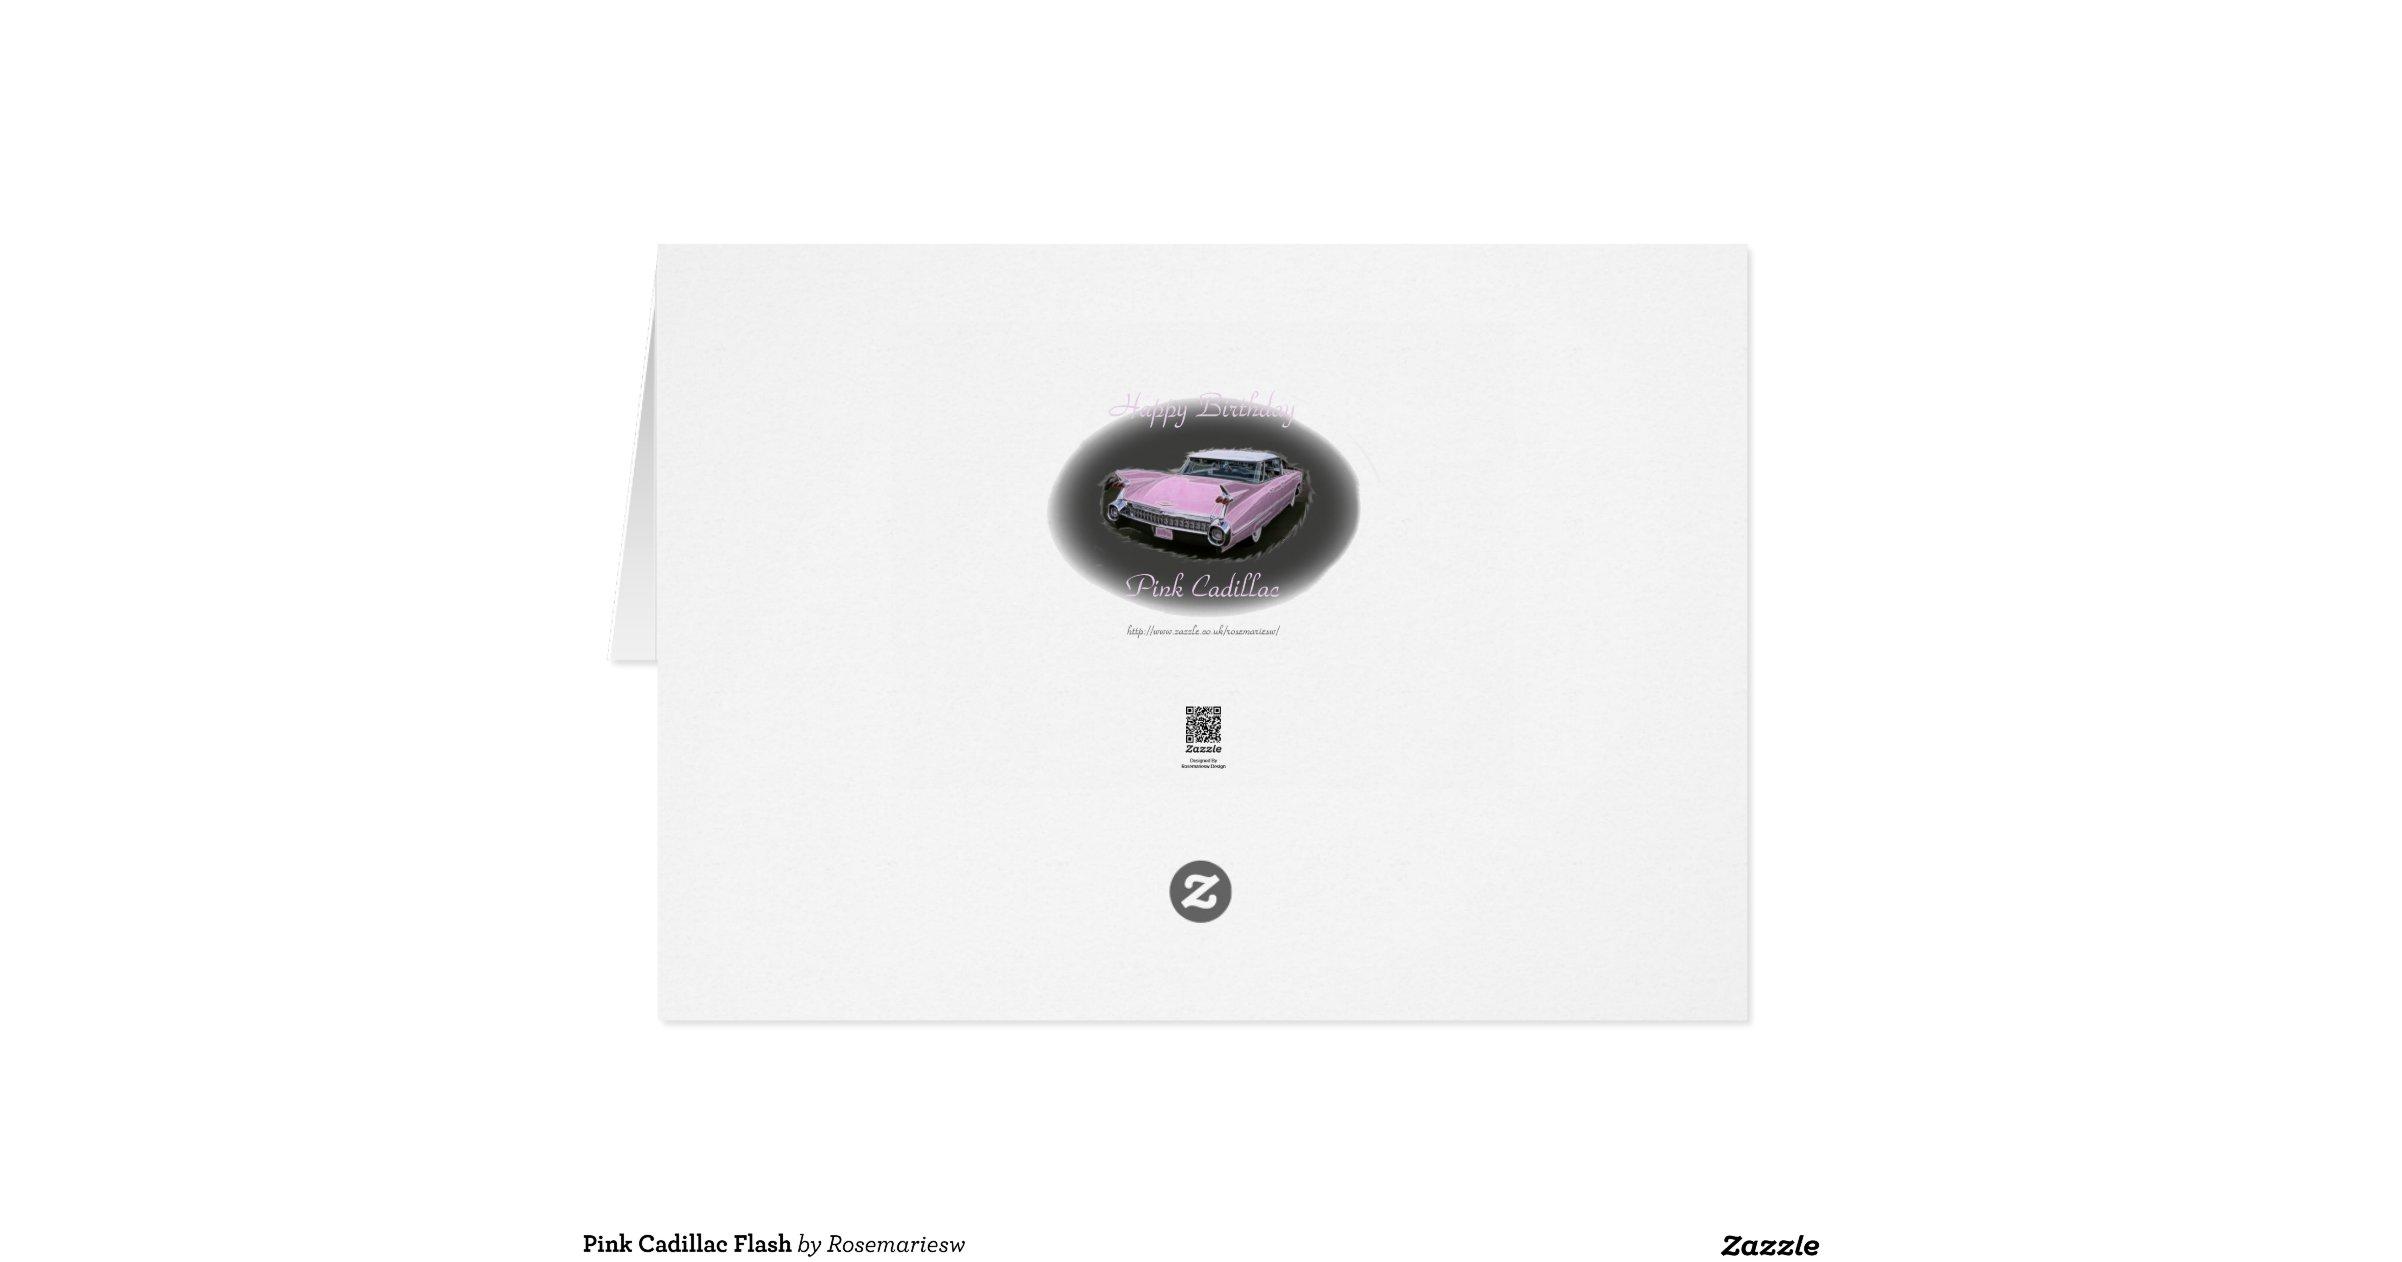 pink cadillac flash greeting card